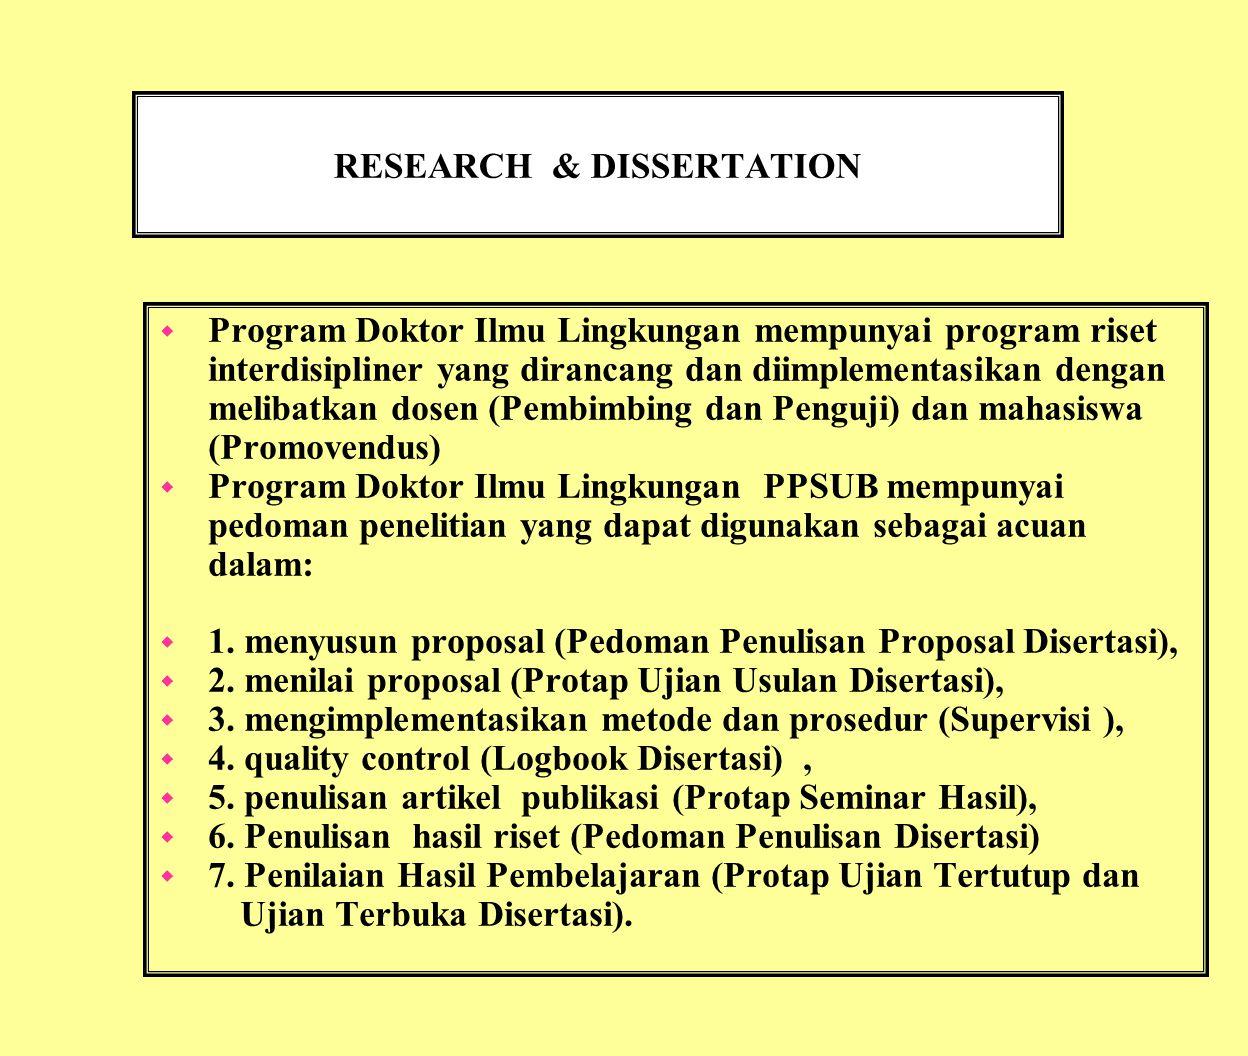 RESEARCH & DISSERTATION w Program Doktor Ilmu Lingkungan mempunyai program riset interdisipliner yang dirancang dan diimplementasikan dengan melibatka